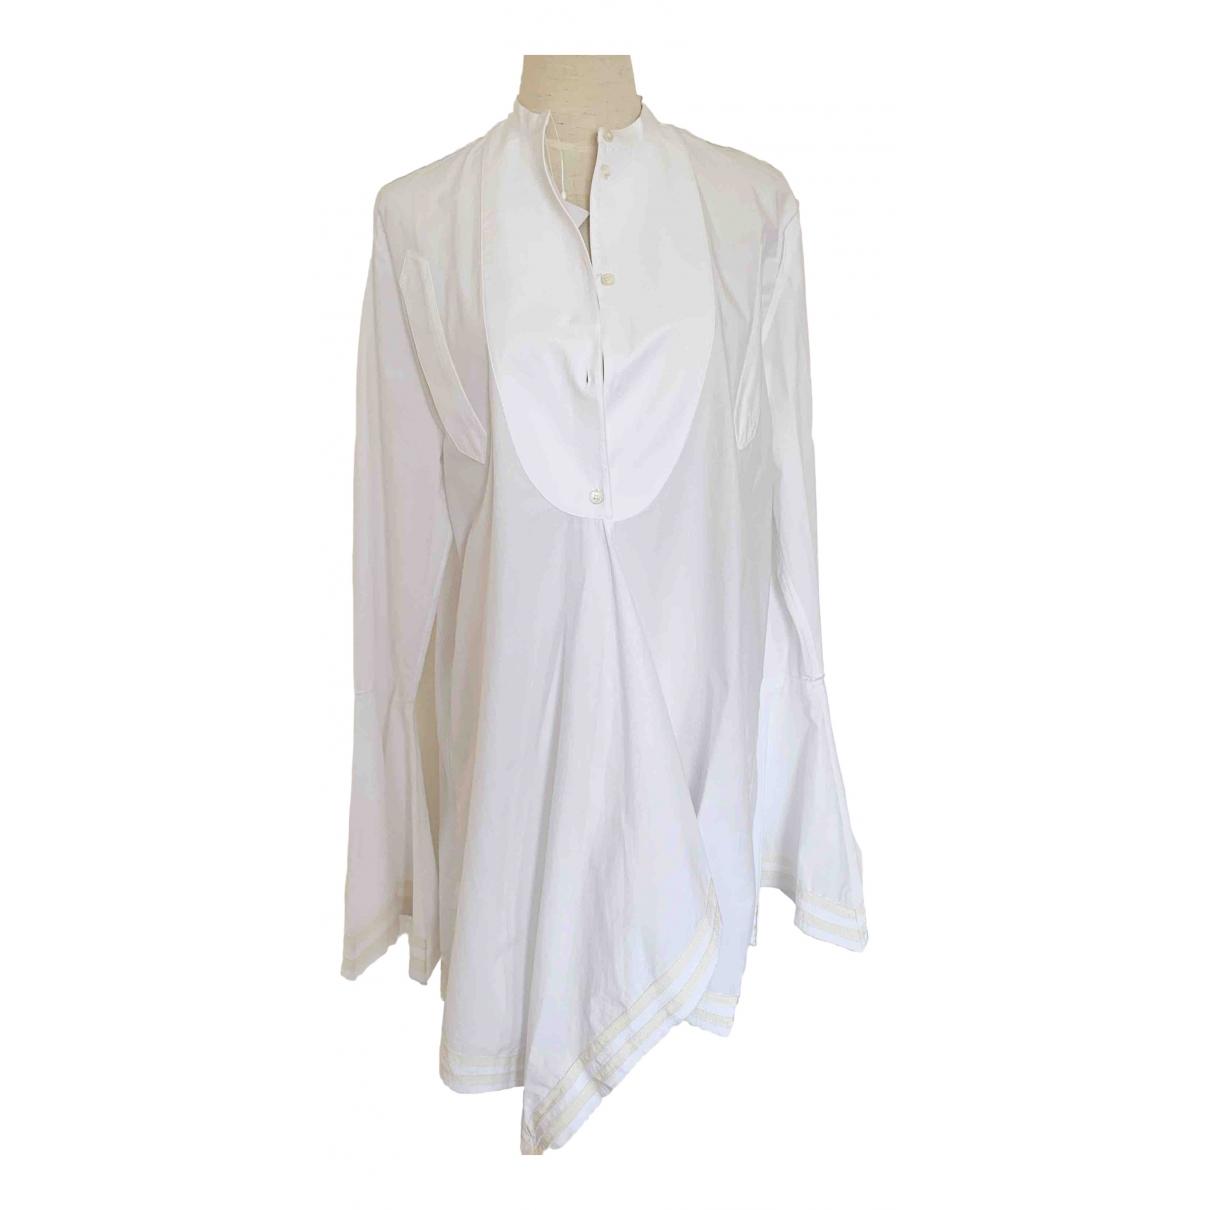 J.w. Anderson - Top   pour femme en coton - blanc